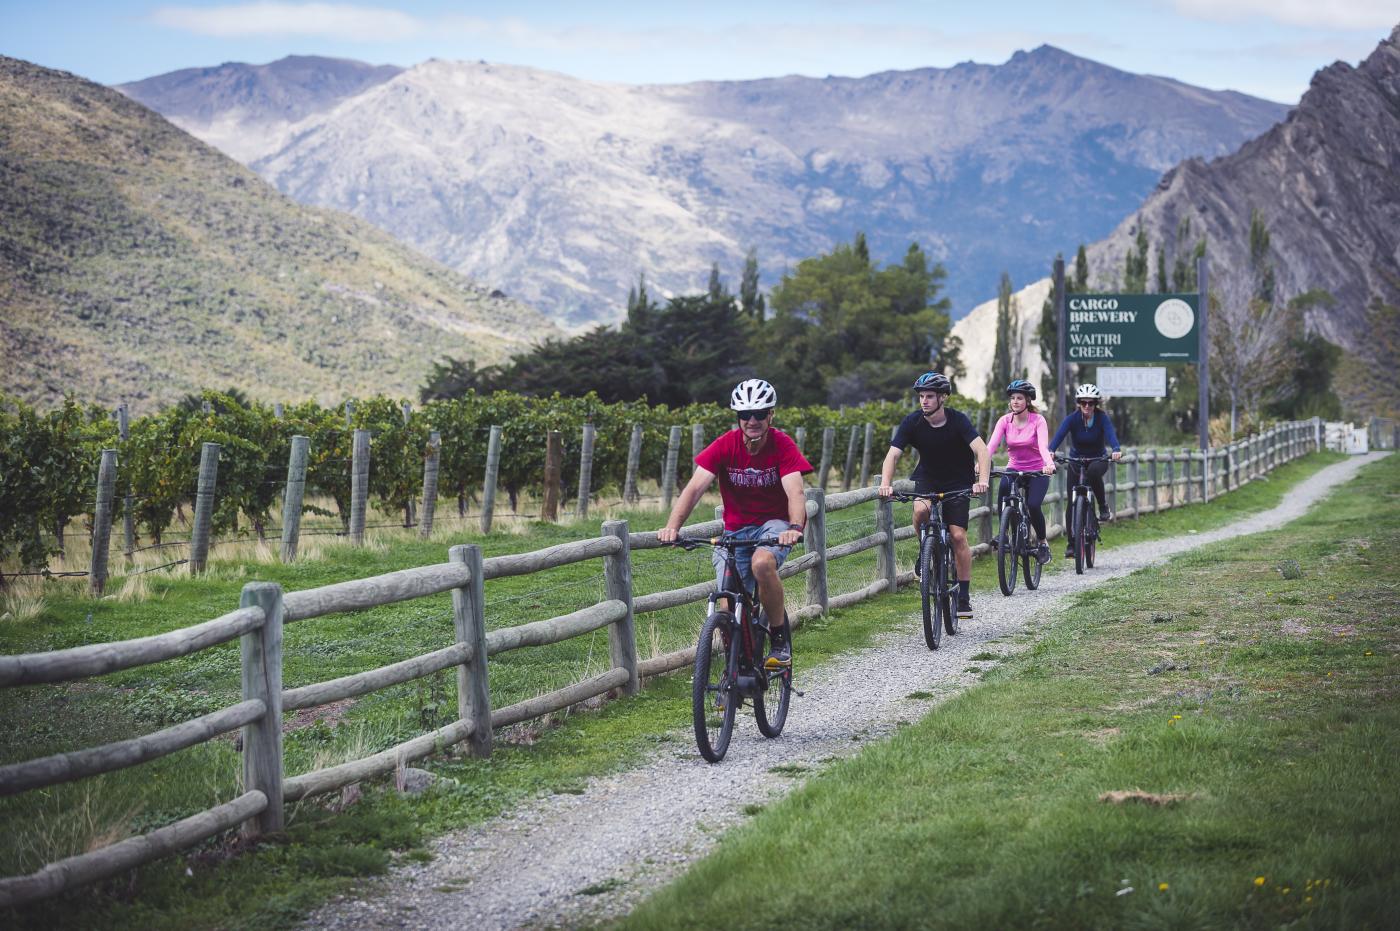 Around The Basin Biking Winery Tour